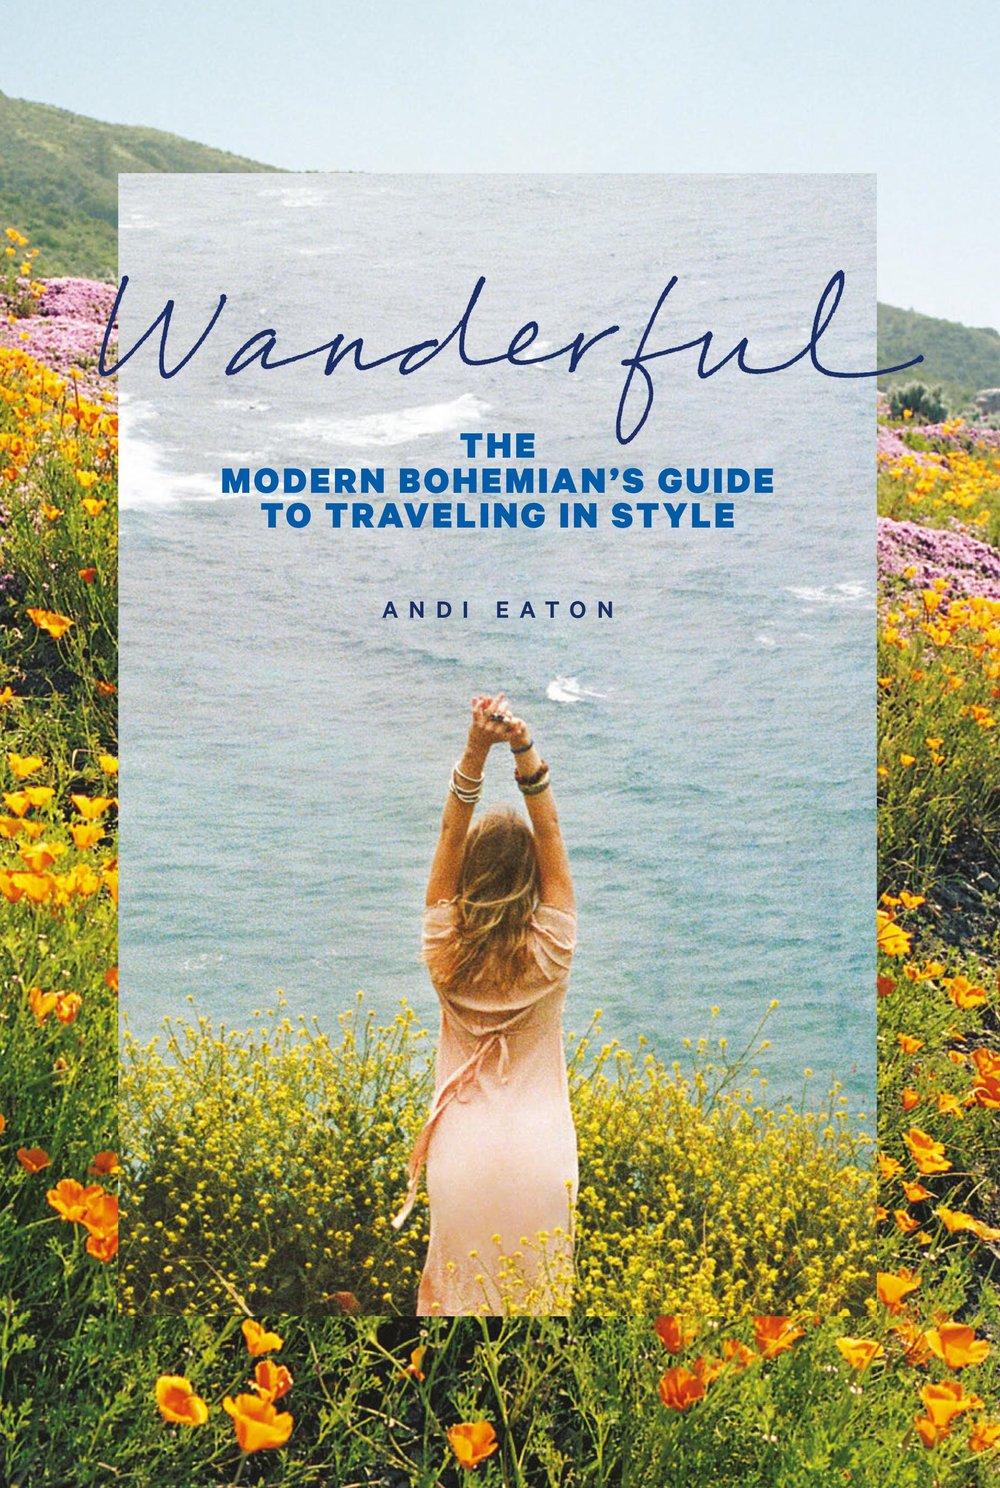 wanderful by andi eaton || ouiwegirl.com